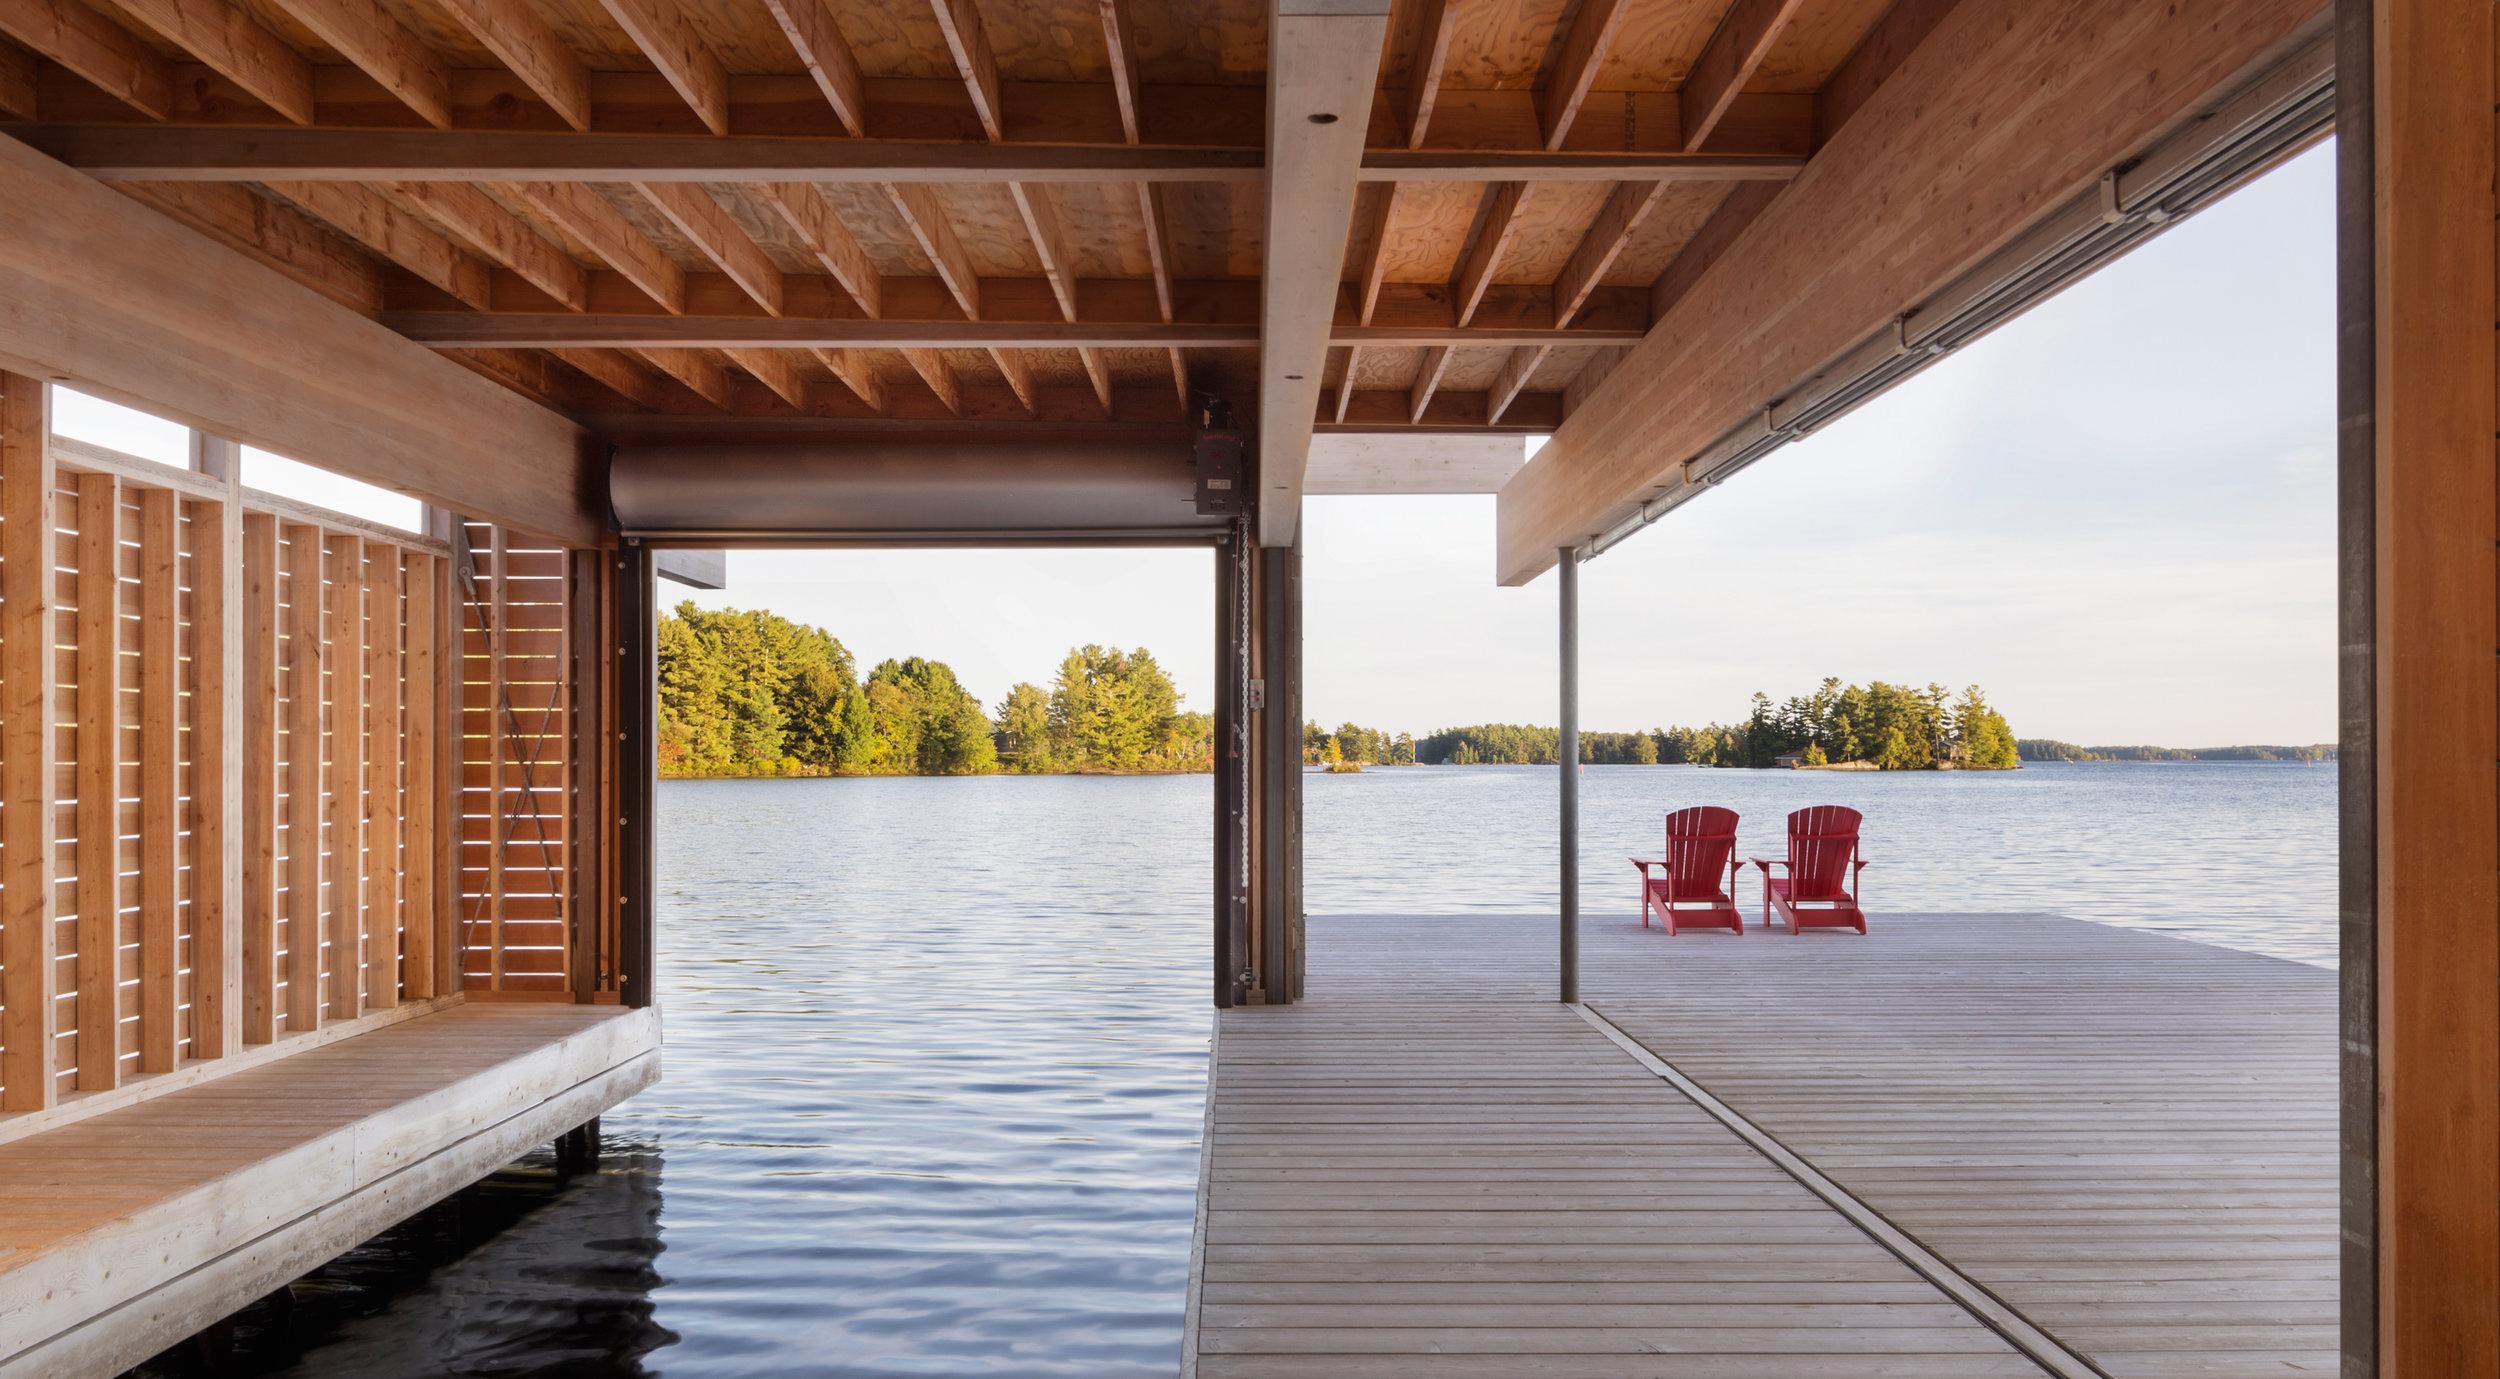 turkel_design_modern_prefab_home_muskoka_boathouse_doors_open.jpg